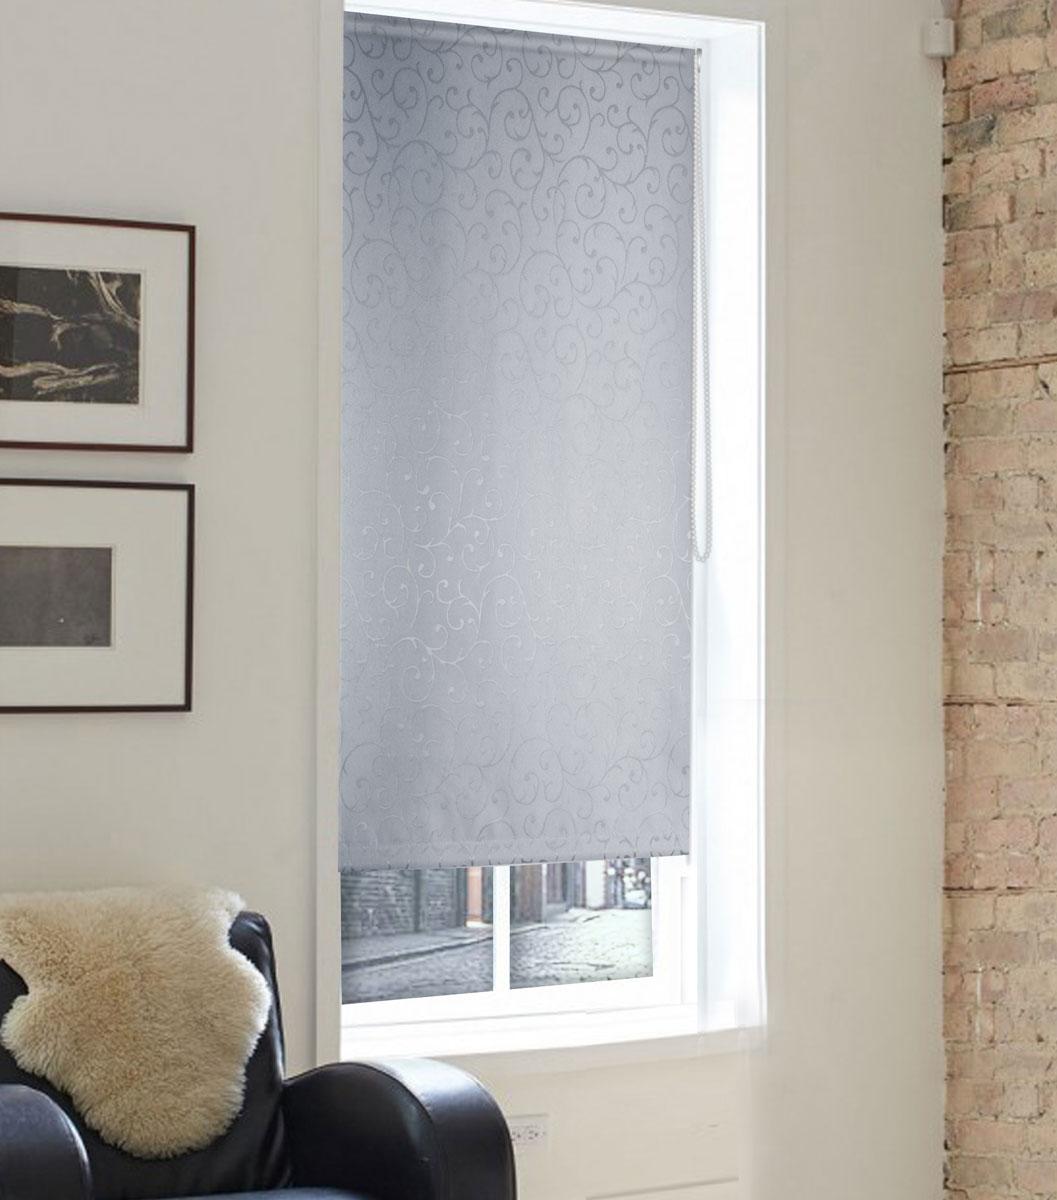 Штора рулонная Эскар Миниролло. Агат, фактурная, цвет: серый, ширина 98 см, высота 160 см штора рулонная эскар миниролло агат цвет серый ширина 73 см высота 160 см